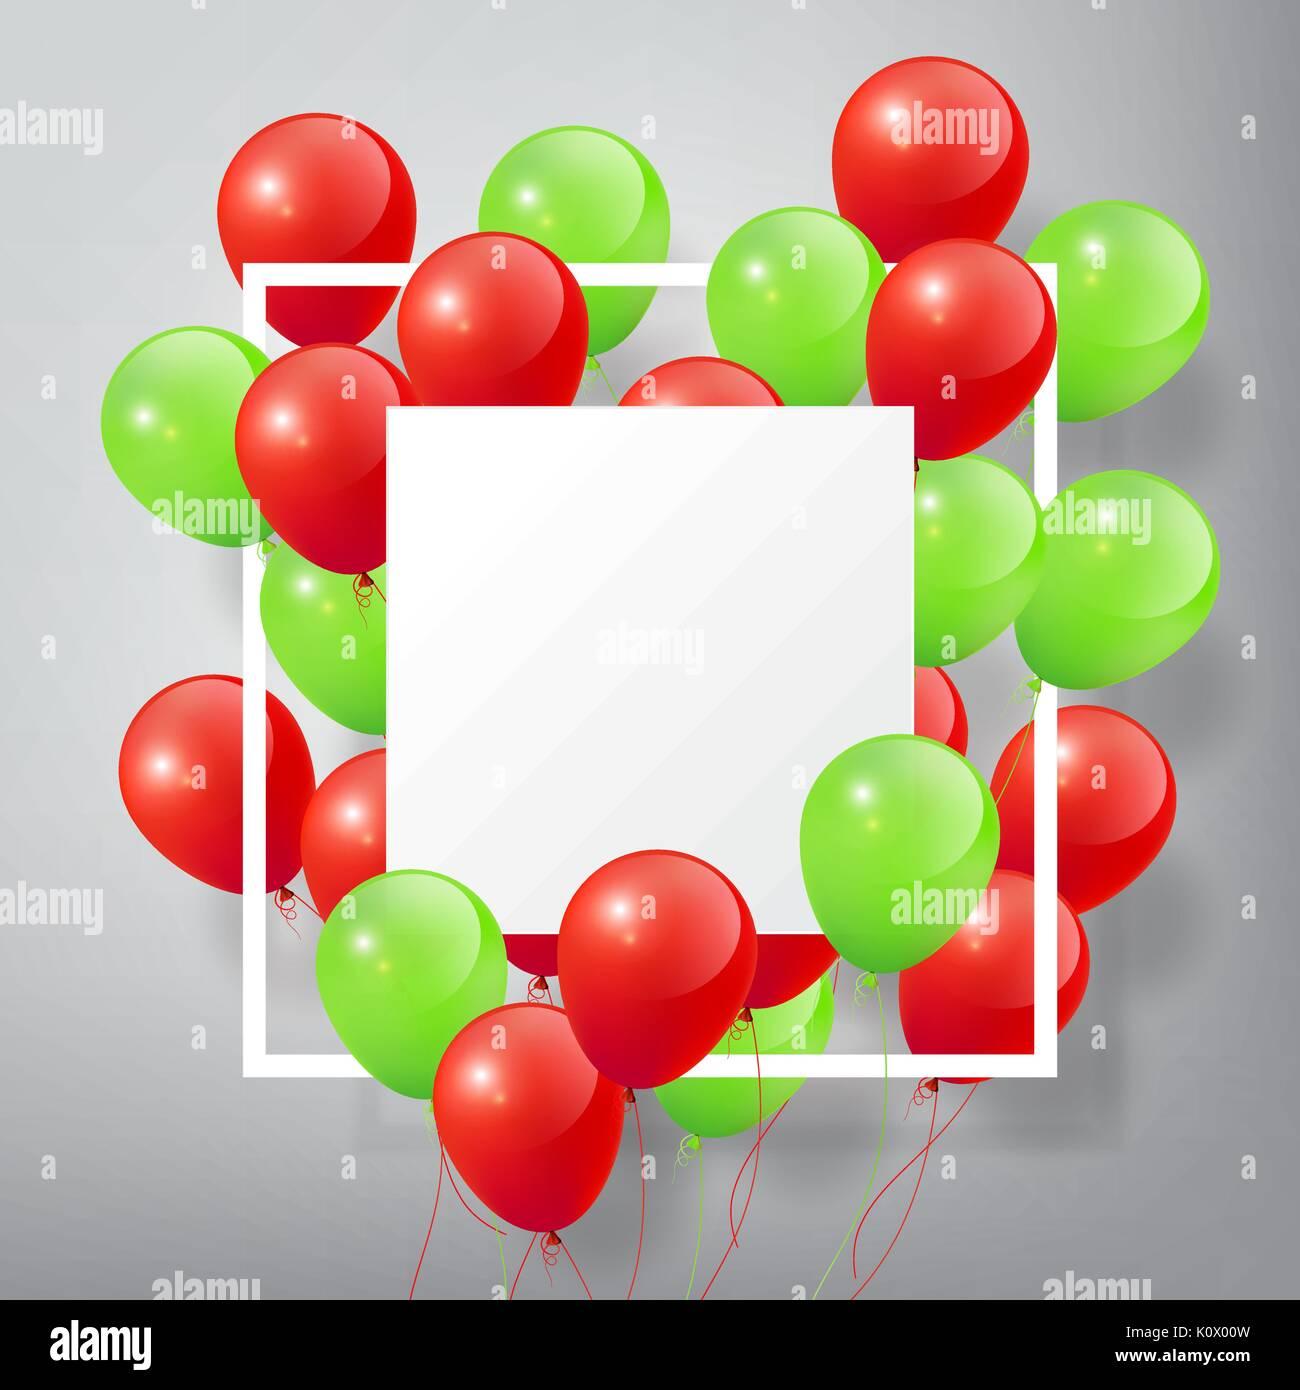 Flying realistische Glänzend Grün Rot Luftballons mit Quadratische ...